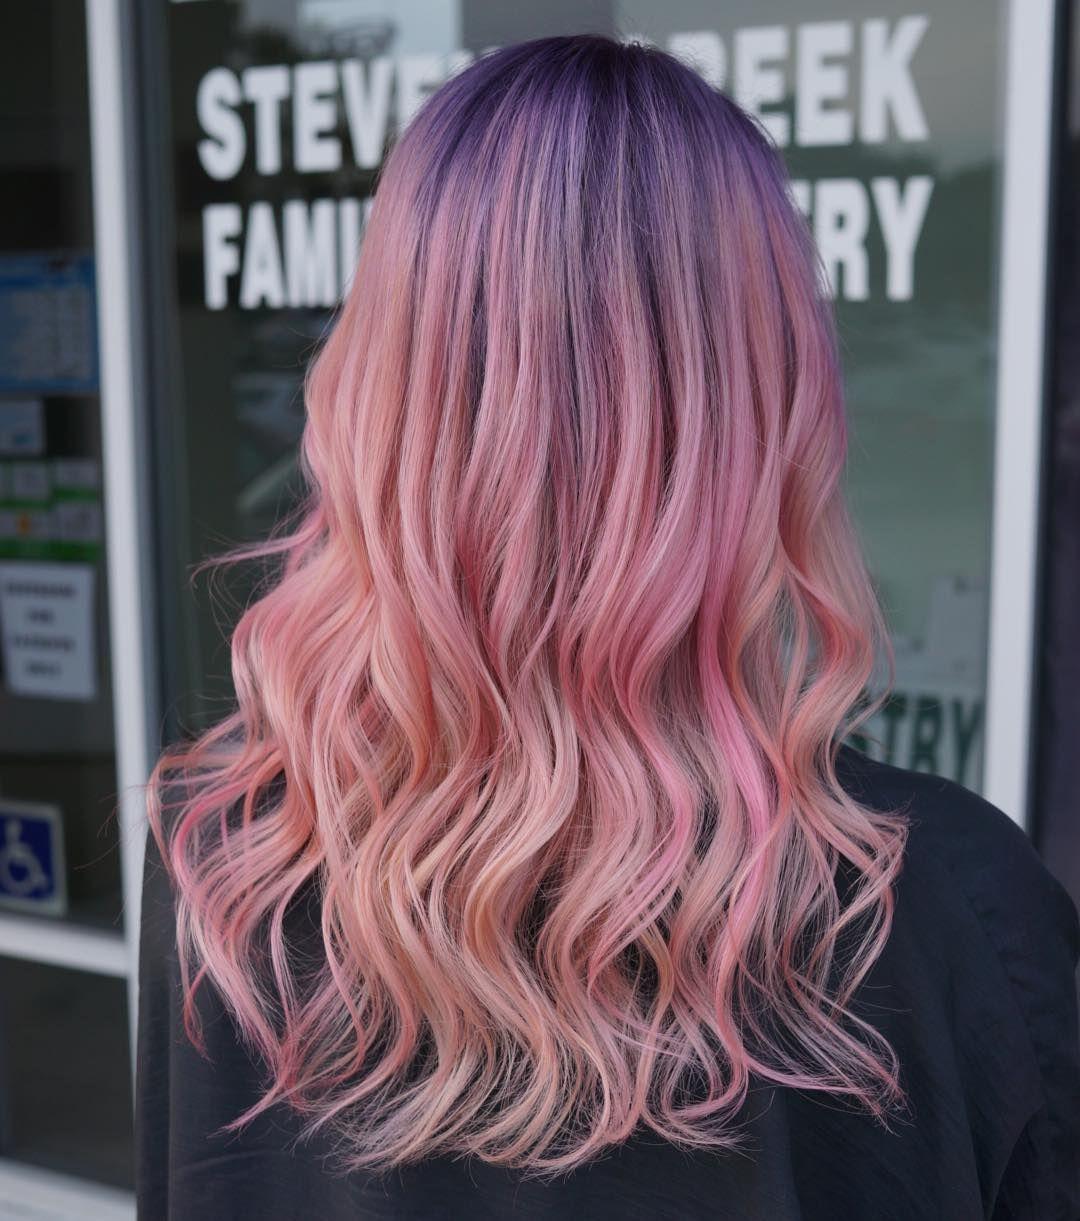 Colorful Do Hairstyle Haircolor Hairgoals Mermaidhair Balyage Waves Colofulwaves Wavyhair Beachwave Hair Styles Light Purple Hair Beauty Hair Color